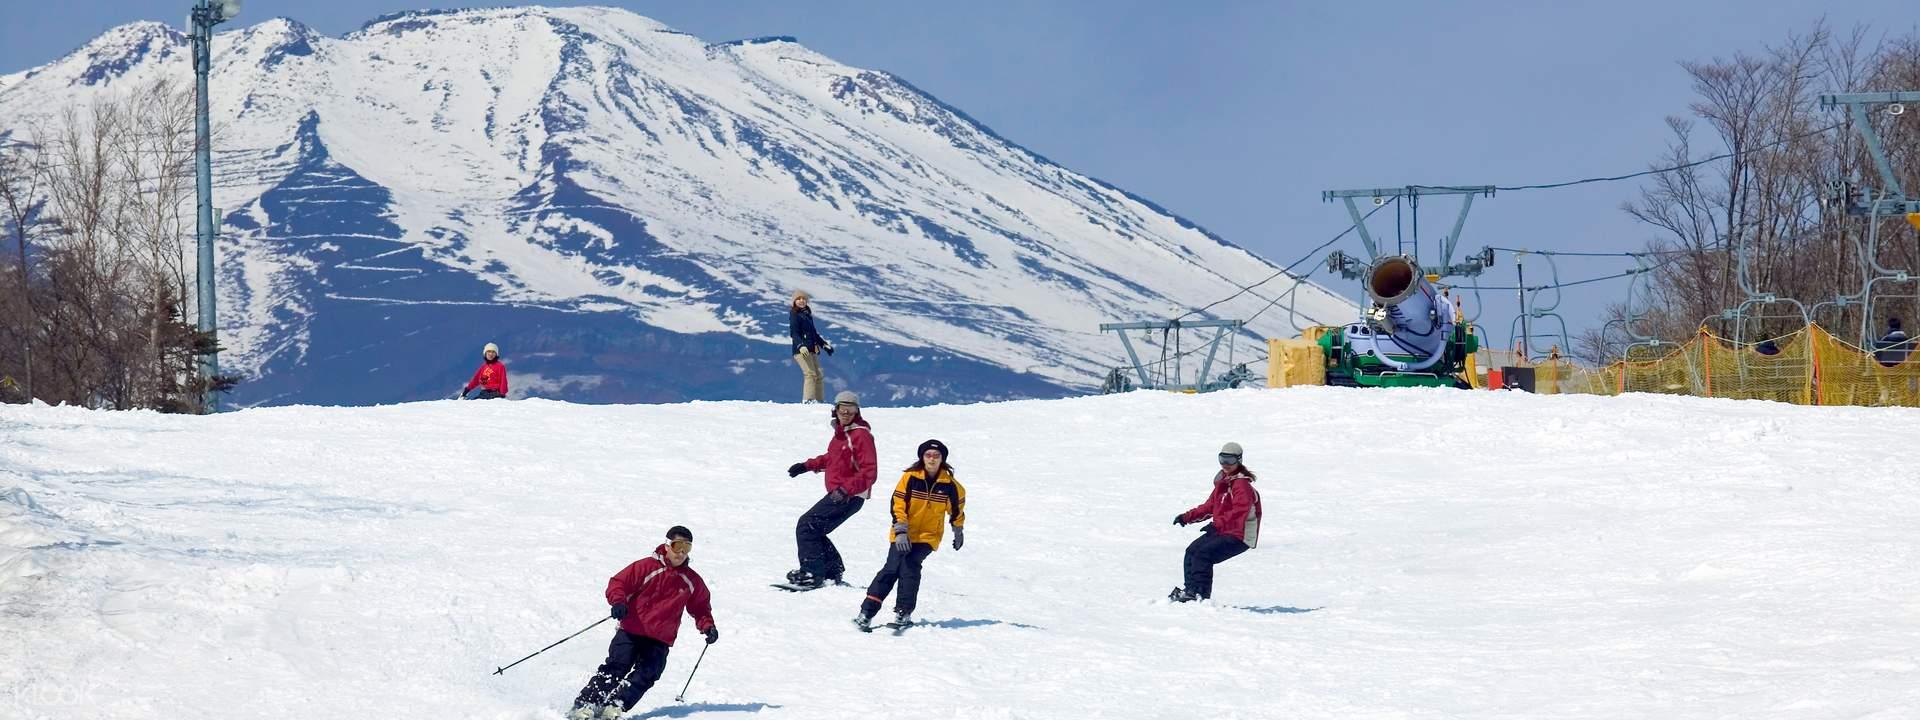 【富士山滑雪】Snowtown Yeti滑雪體驗 + 新宿往返交通巴士 - KLOOK客路